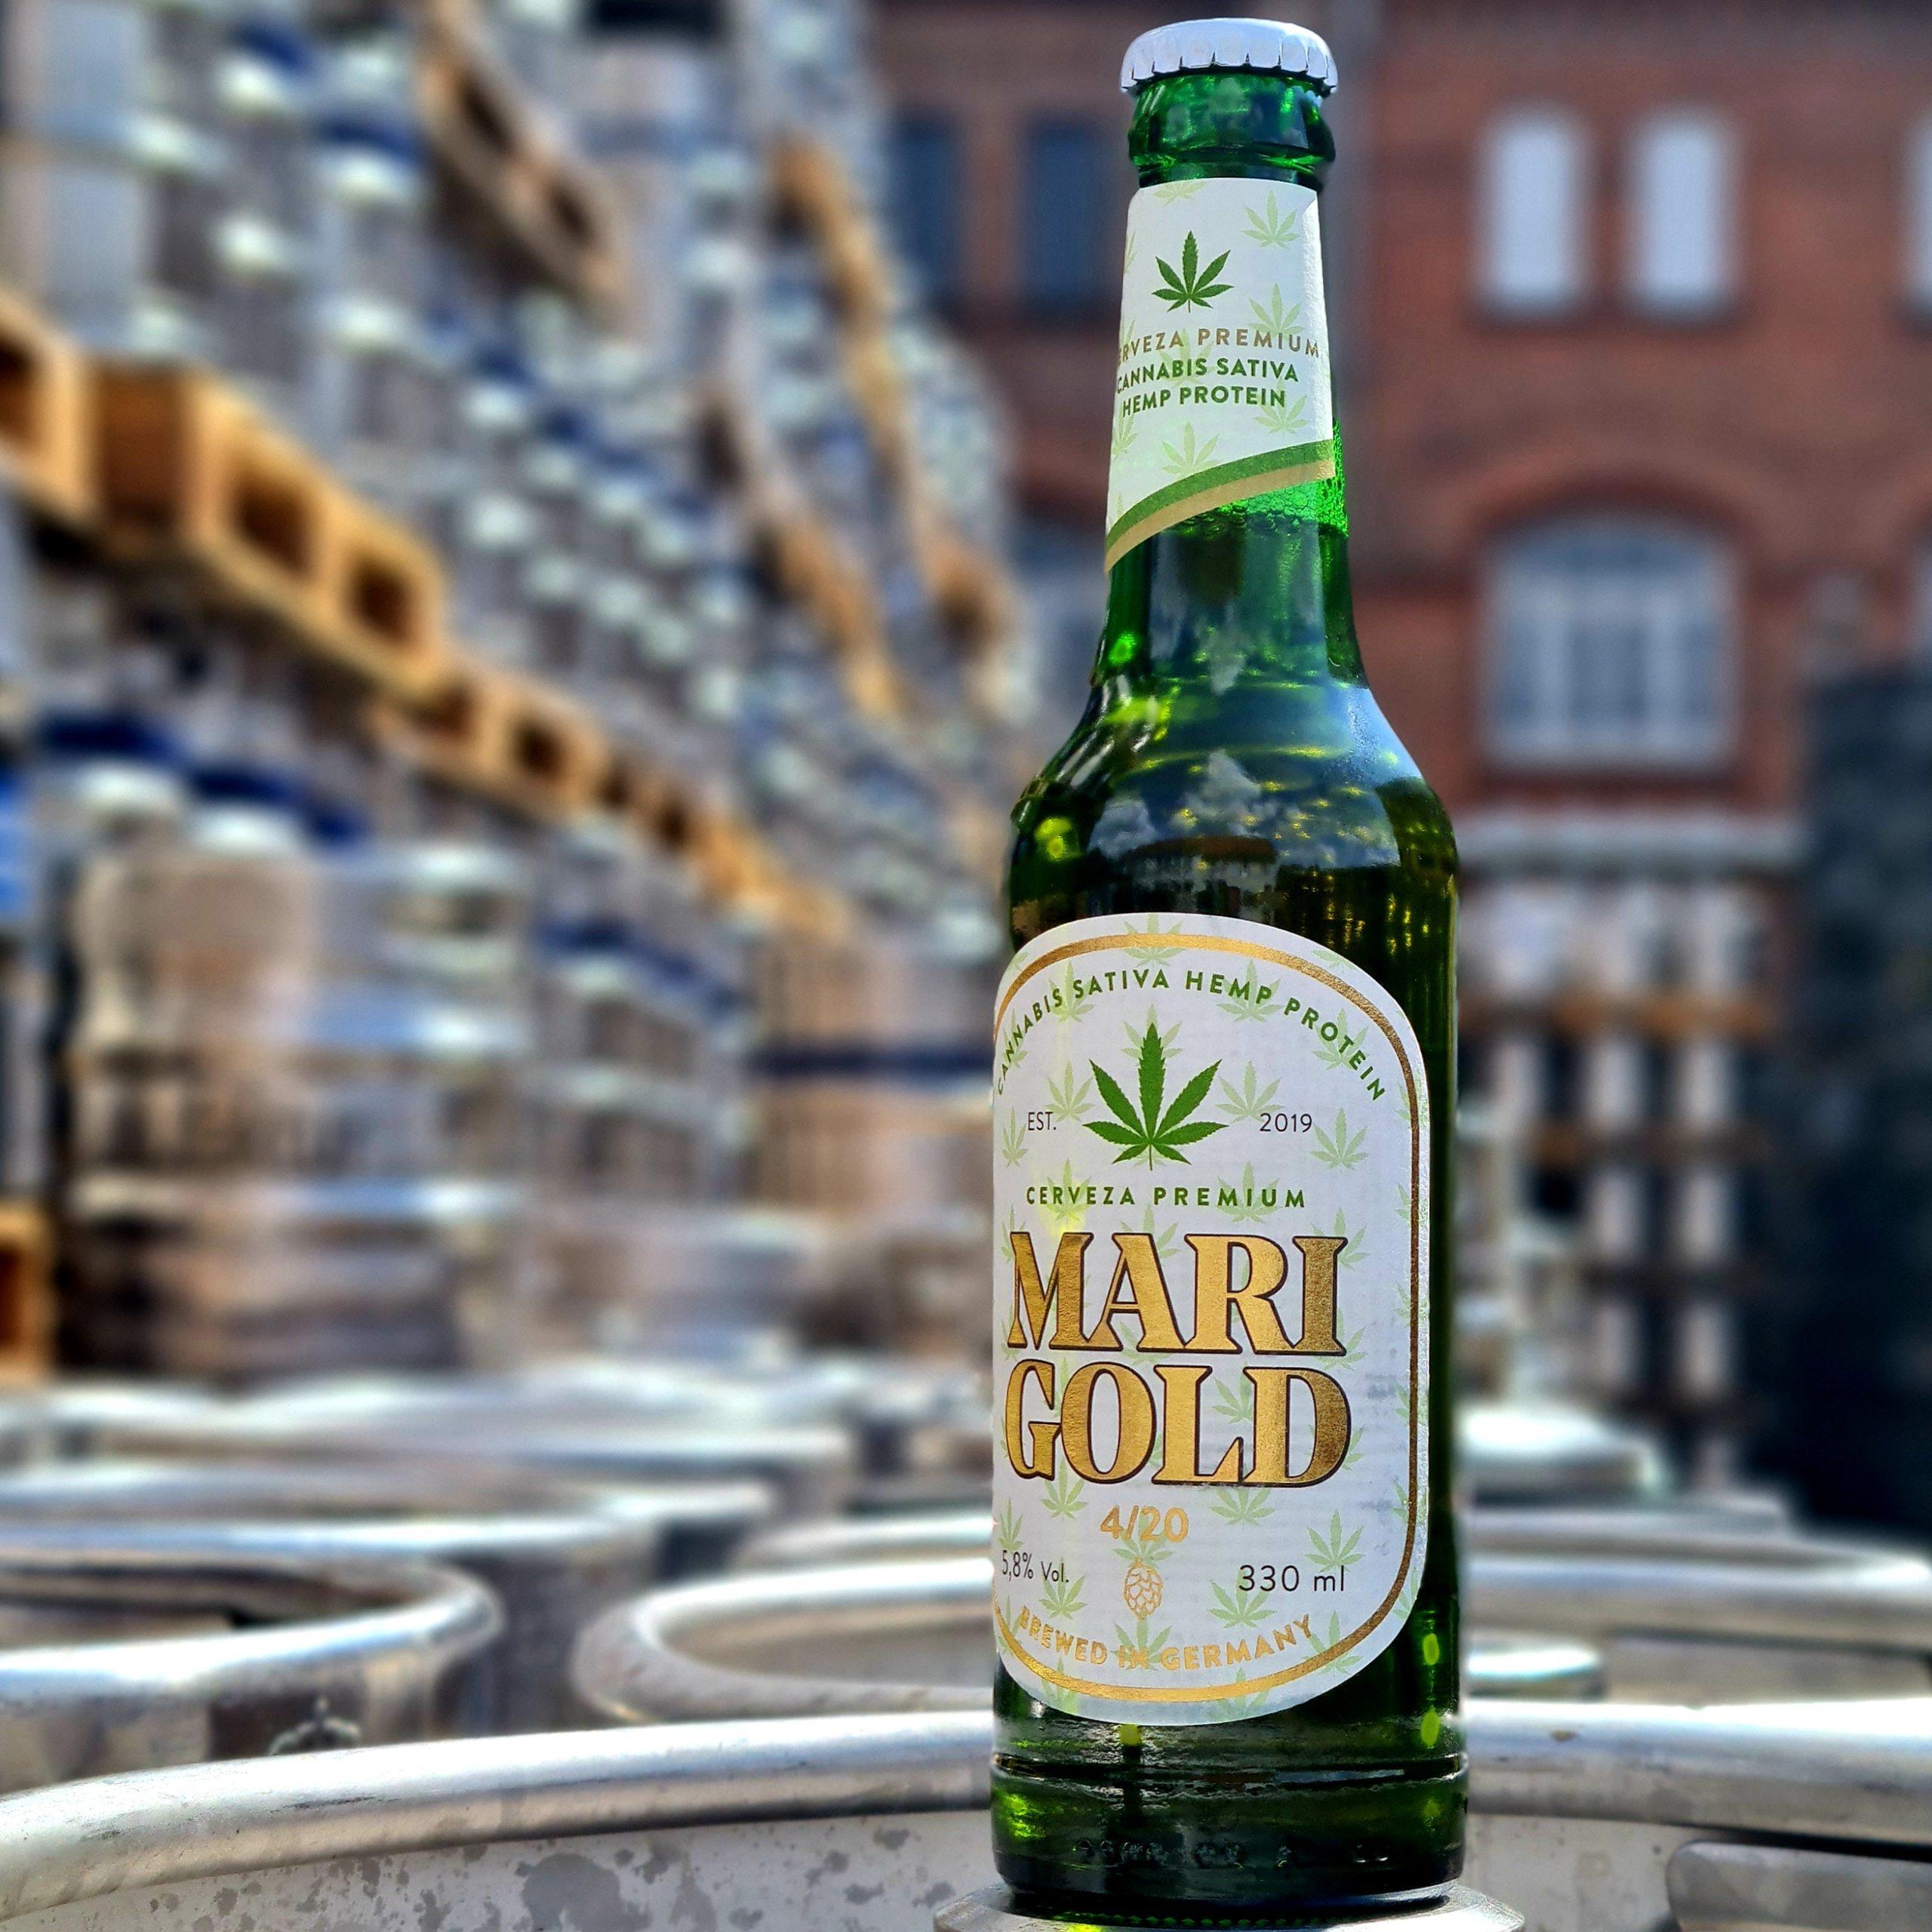 Cerveza tradicional de moda